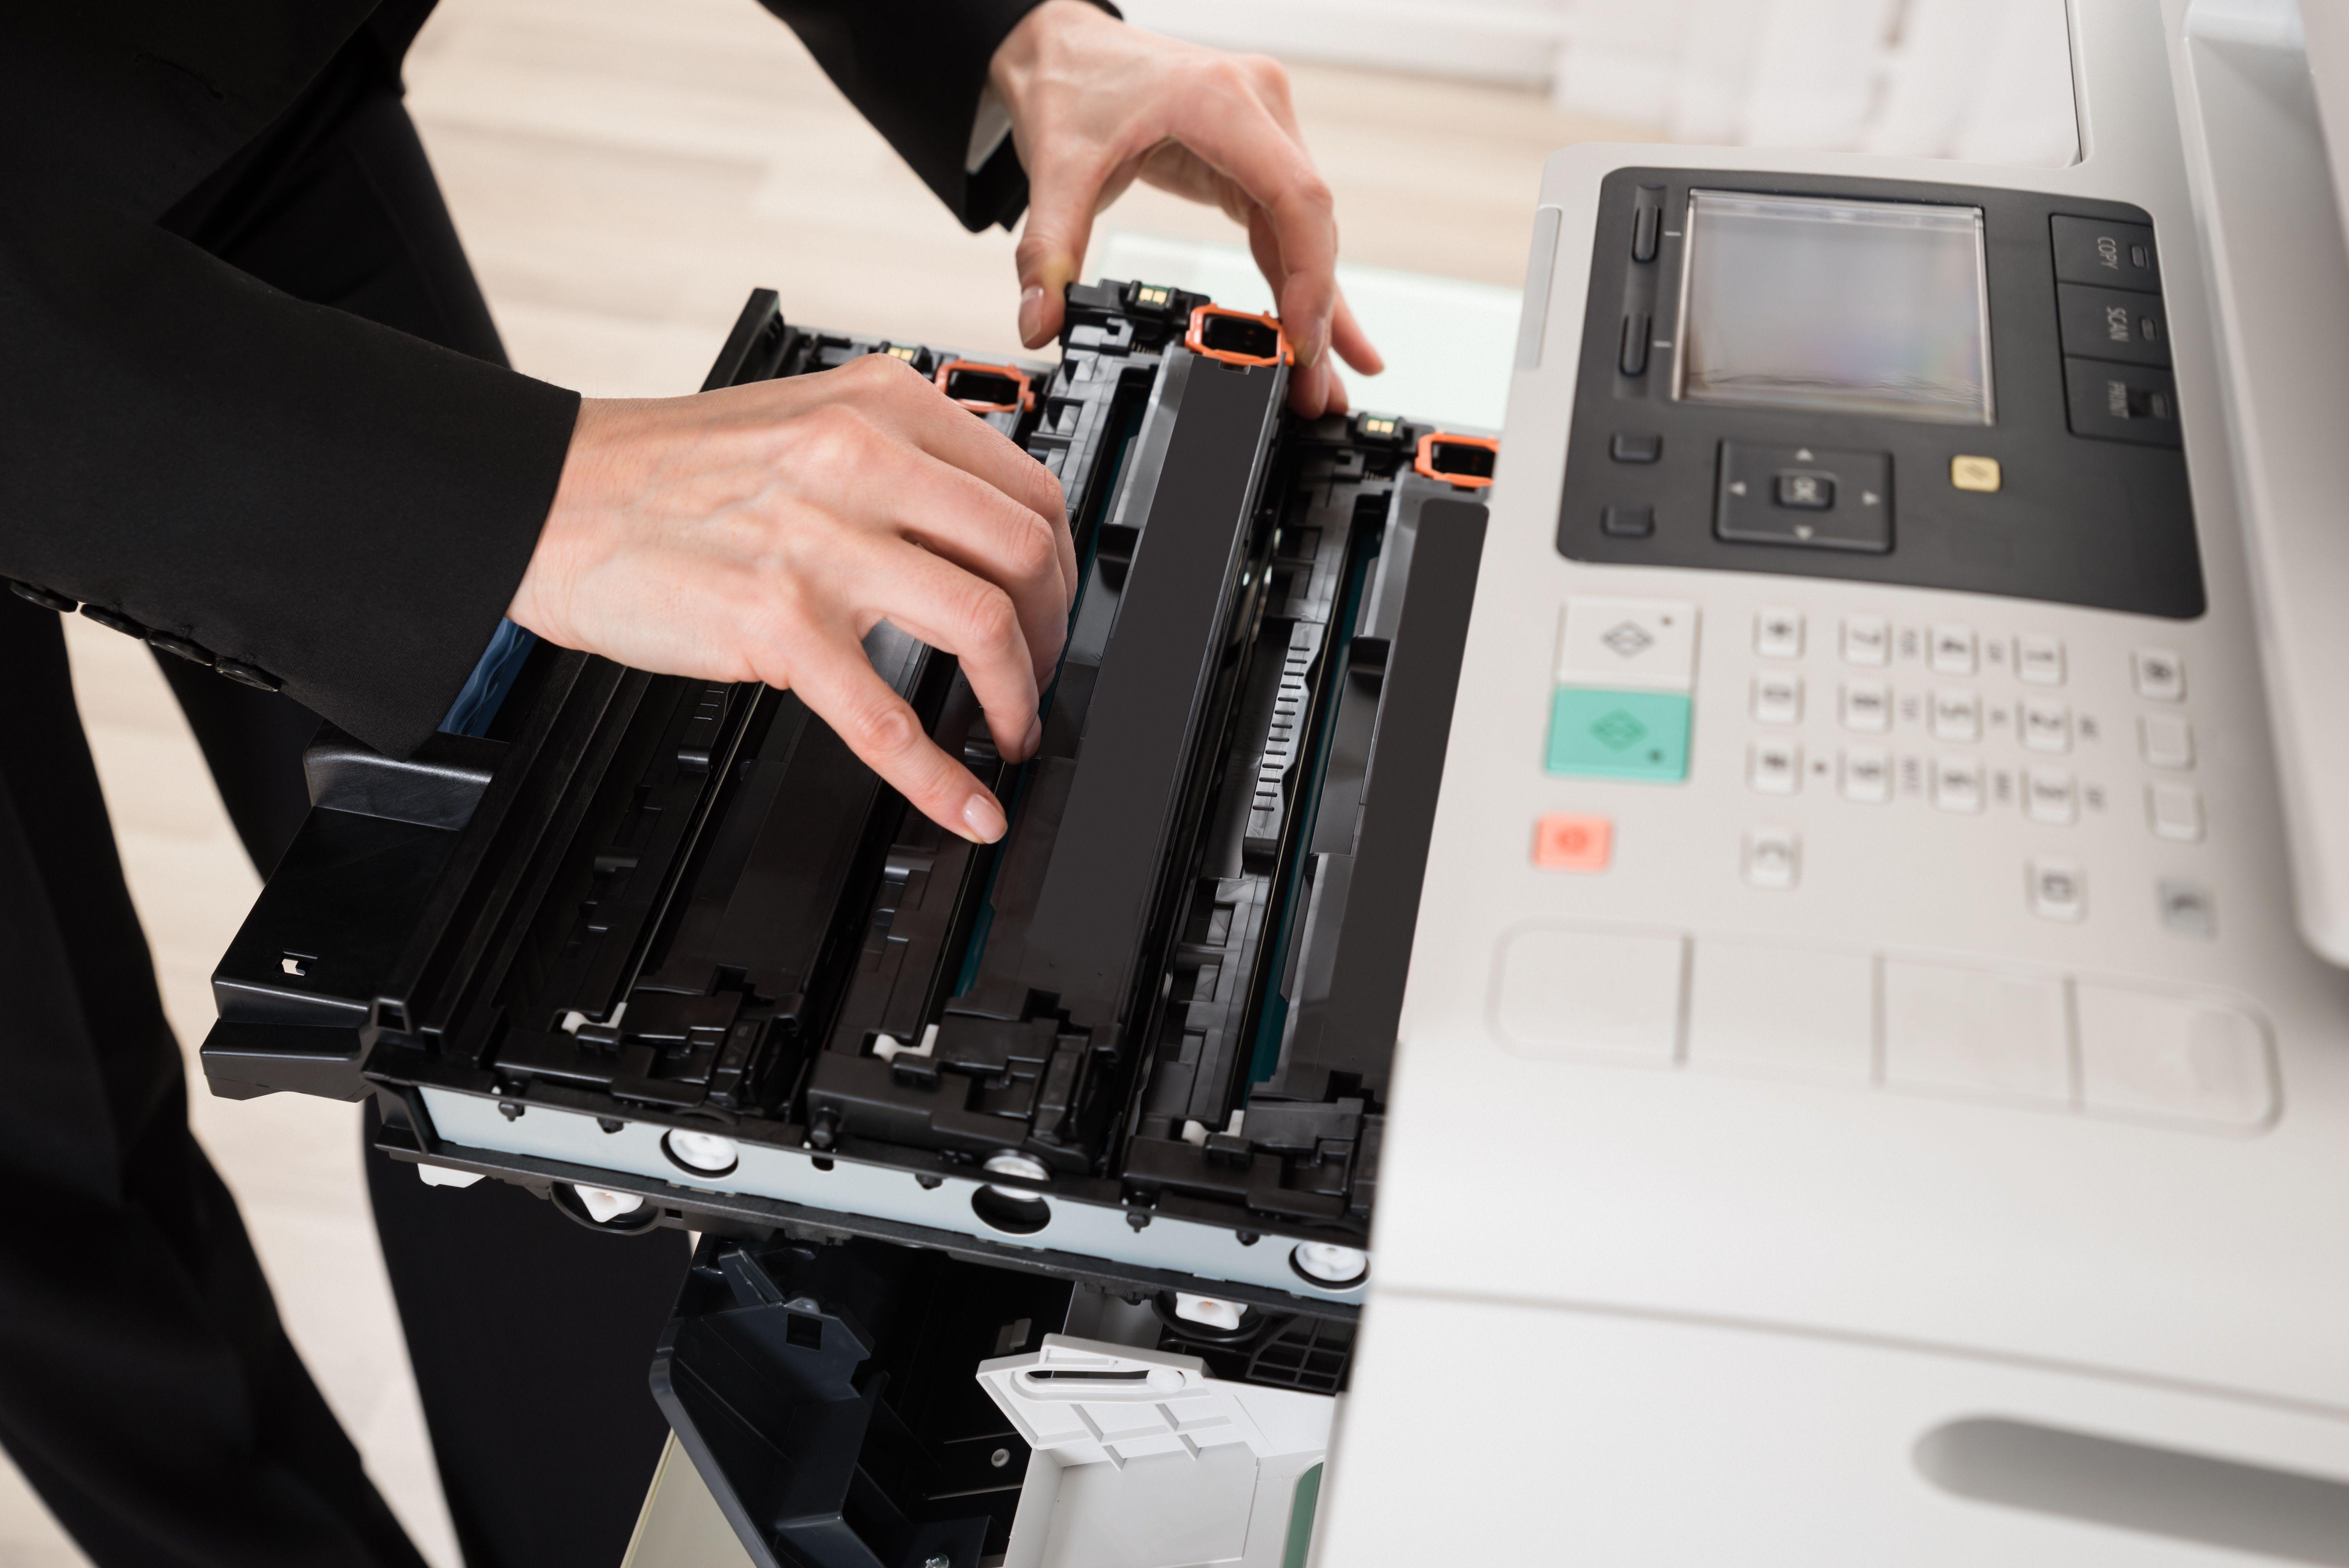 Servicio técnico: Servicios y productos de Gesttec Technologies S.L.